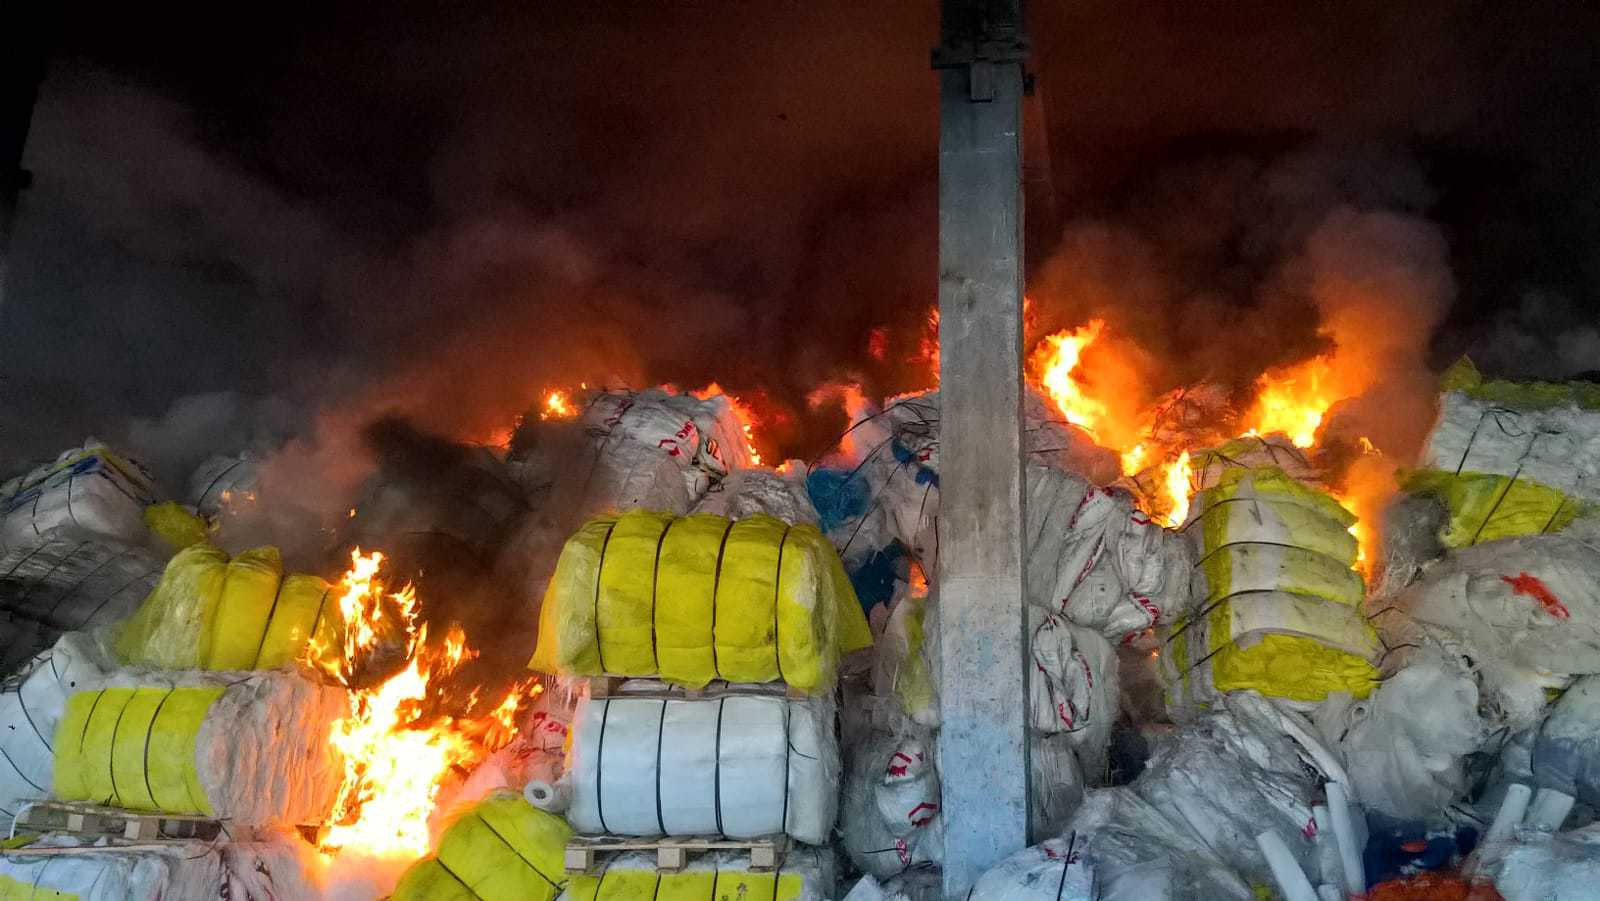 Incendiu puternic la o hală unde sunt depozitate deşeuri de fibră de sticlă, în Vaslui. `Intervenţia este dificilă deoarece la faţa locului nu există apă` | FOTO